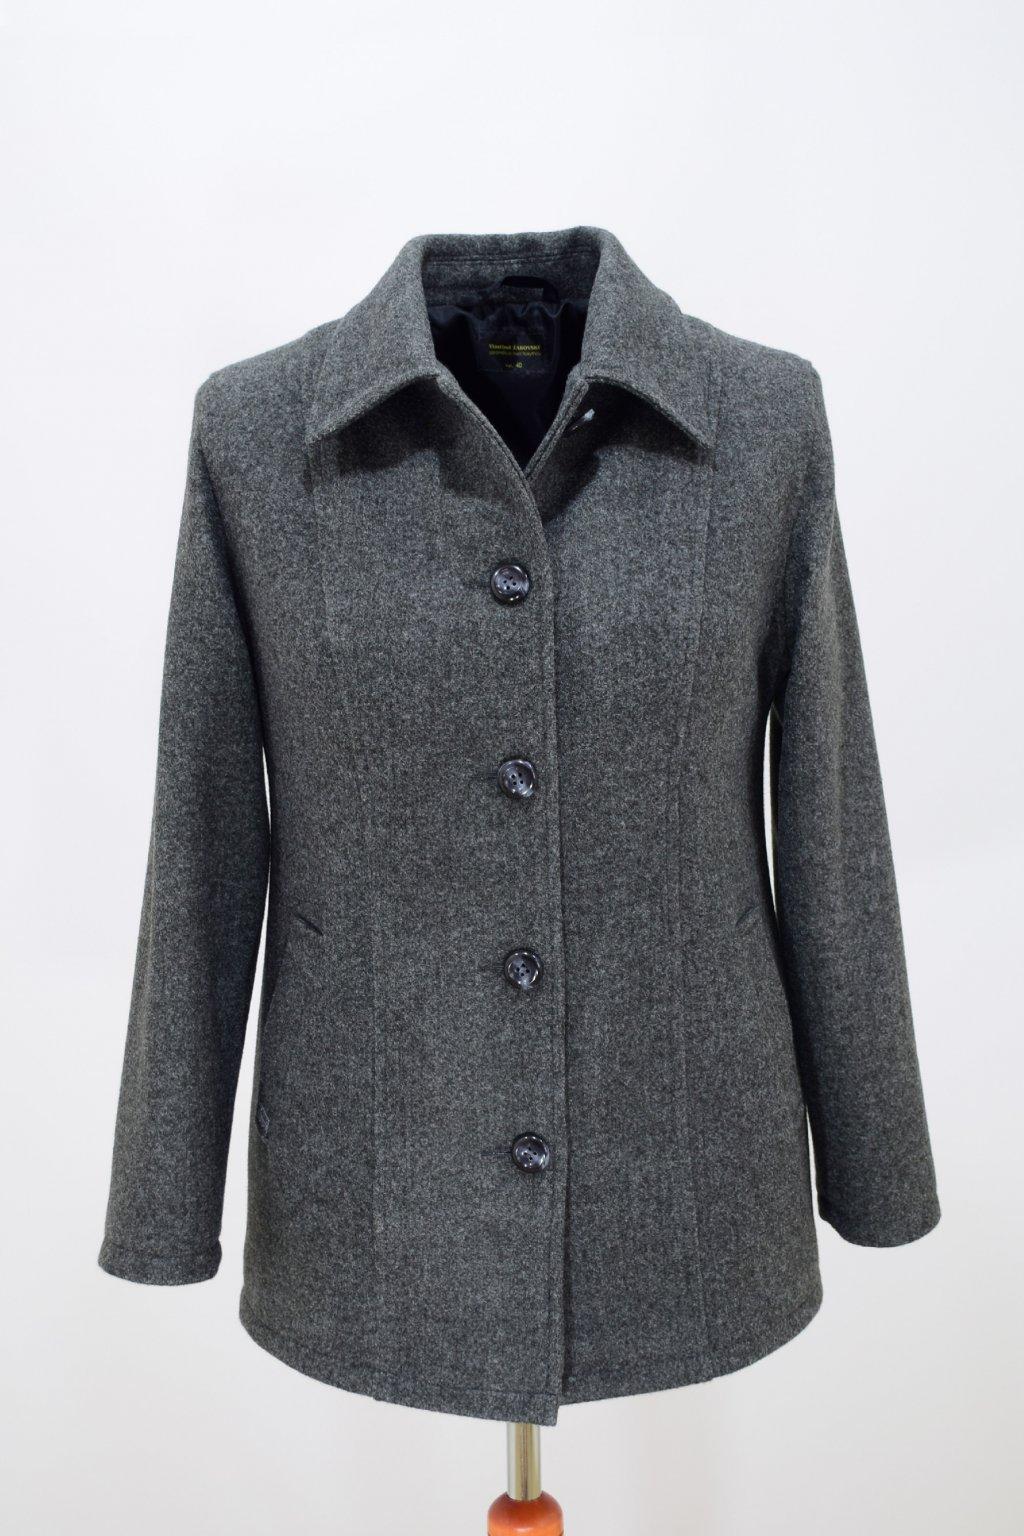 Dámský tmavě šedý přechodový kabátek Dorka nadměrné velikosti.